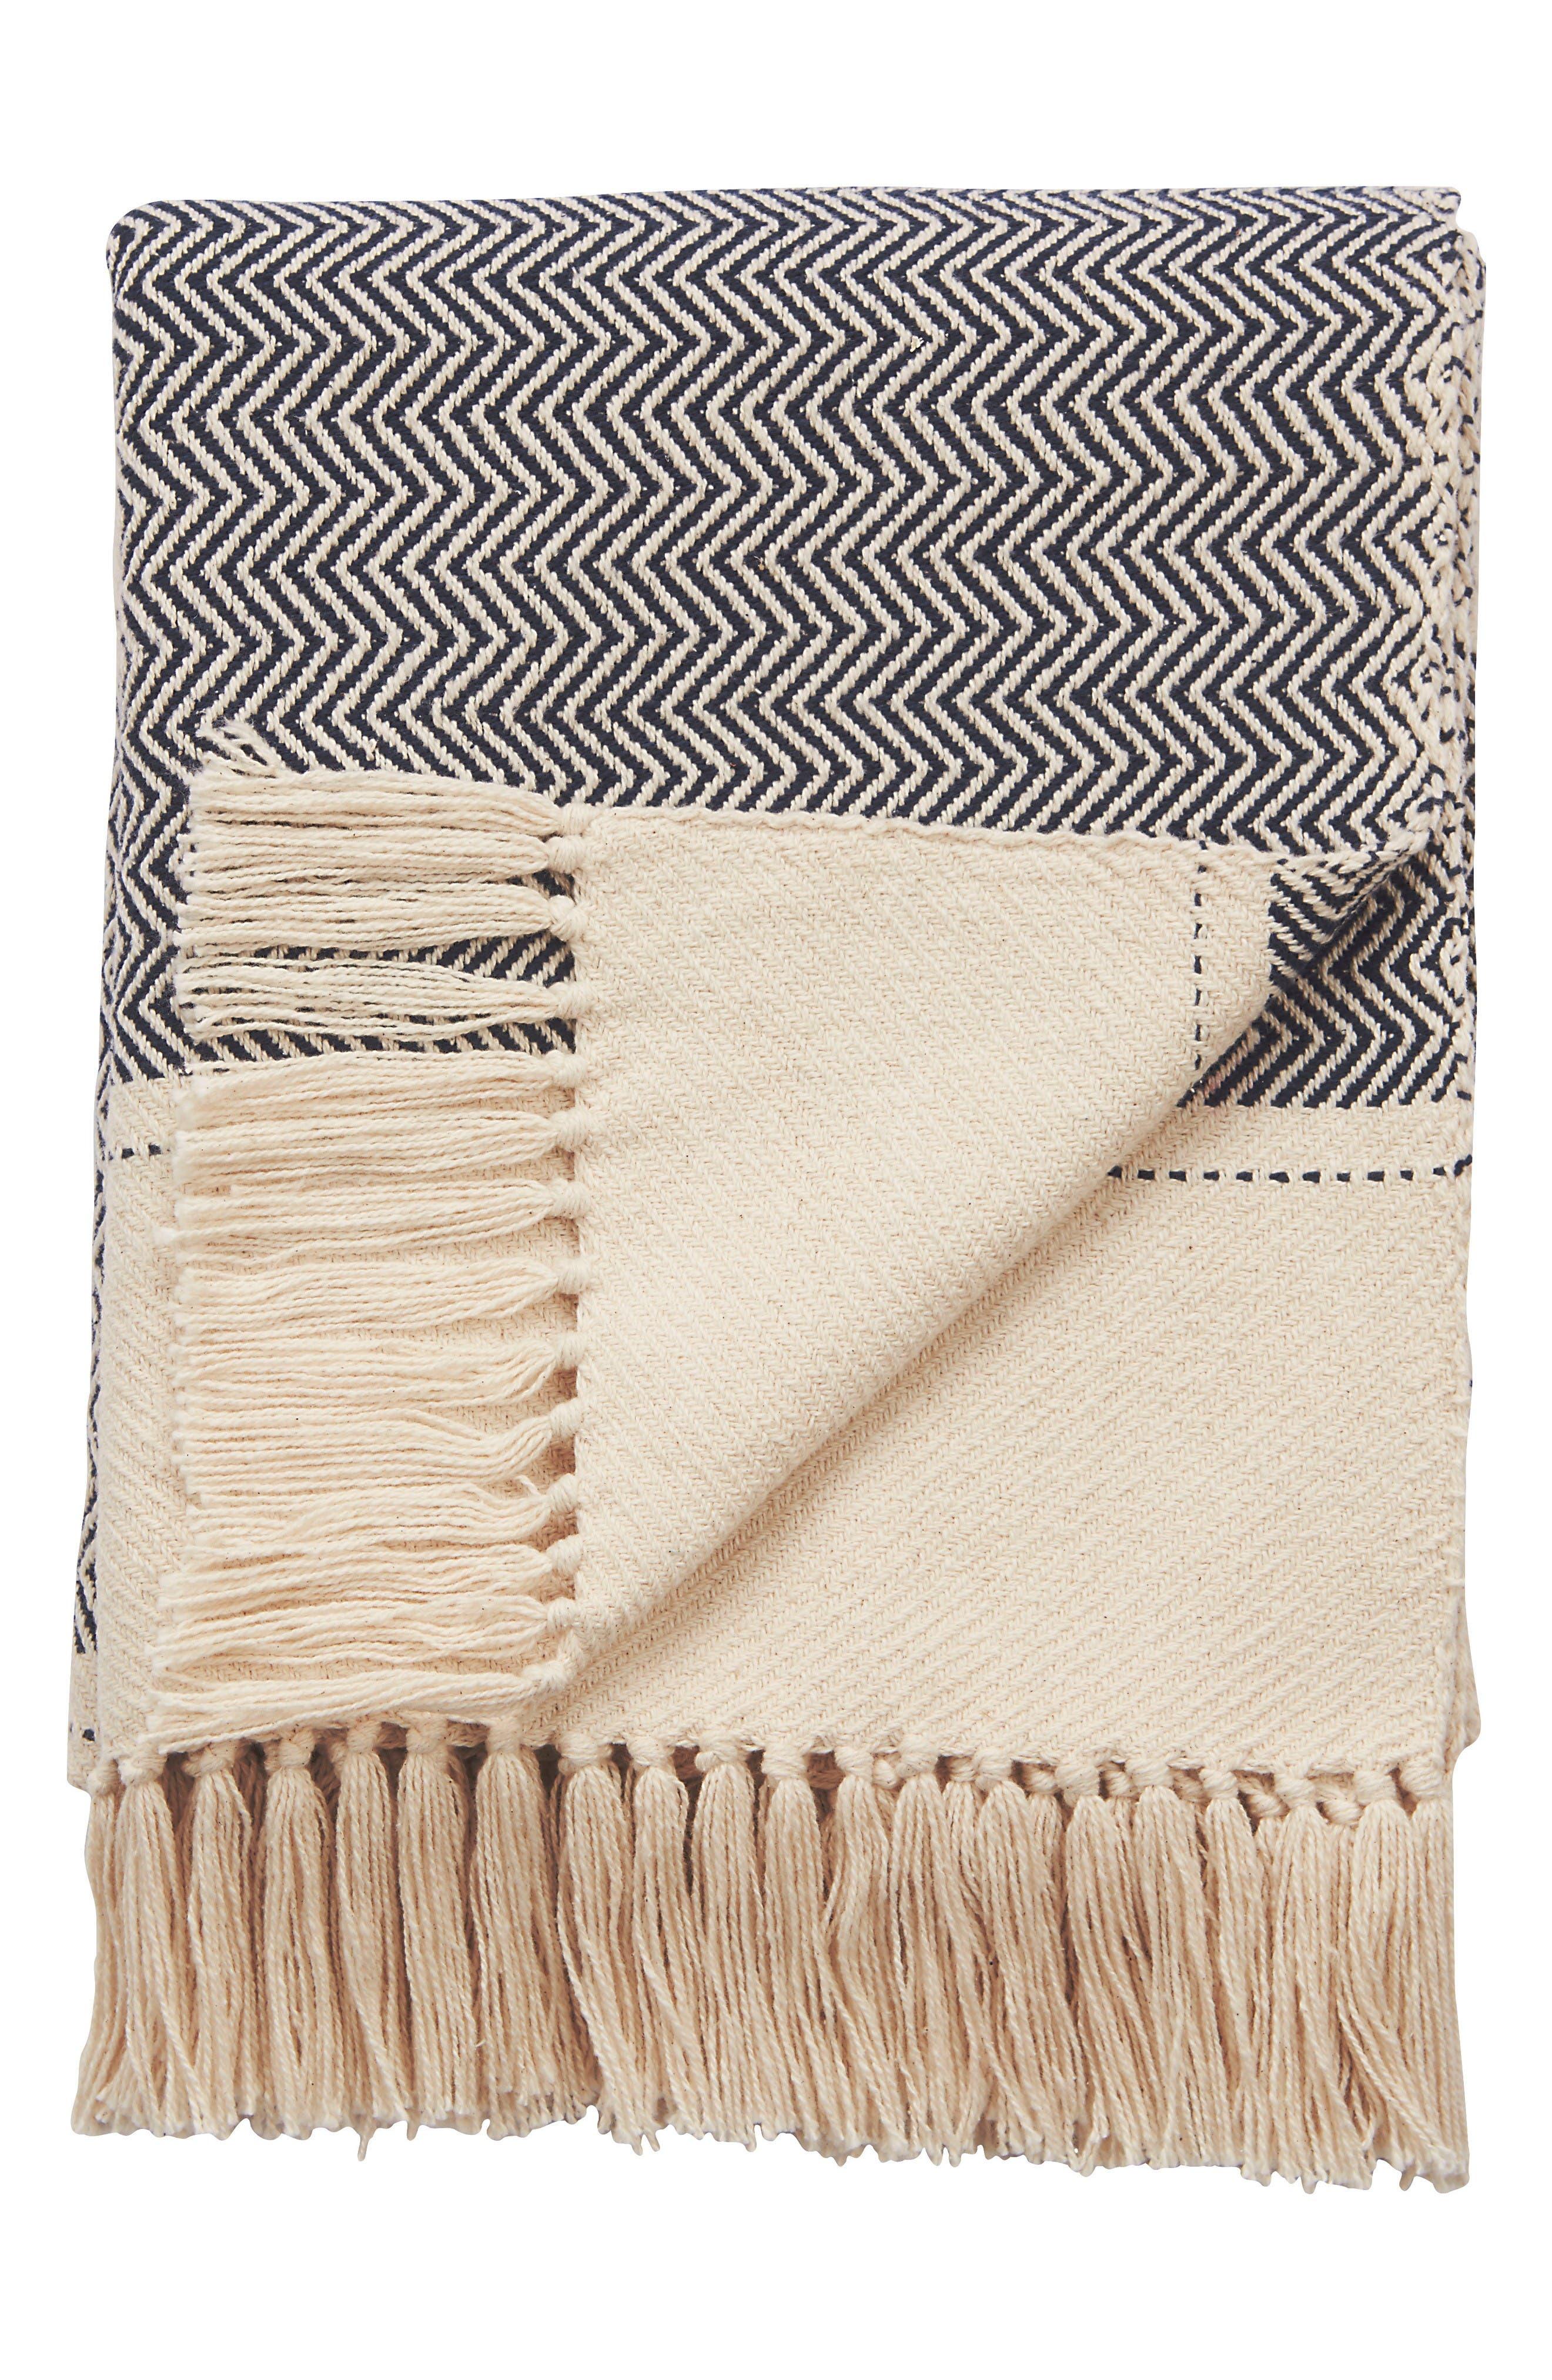 Alternate Image 1 Selected - Jaipur Spirit Hand Loomed Throw Blanket